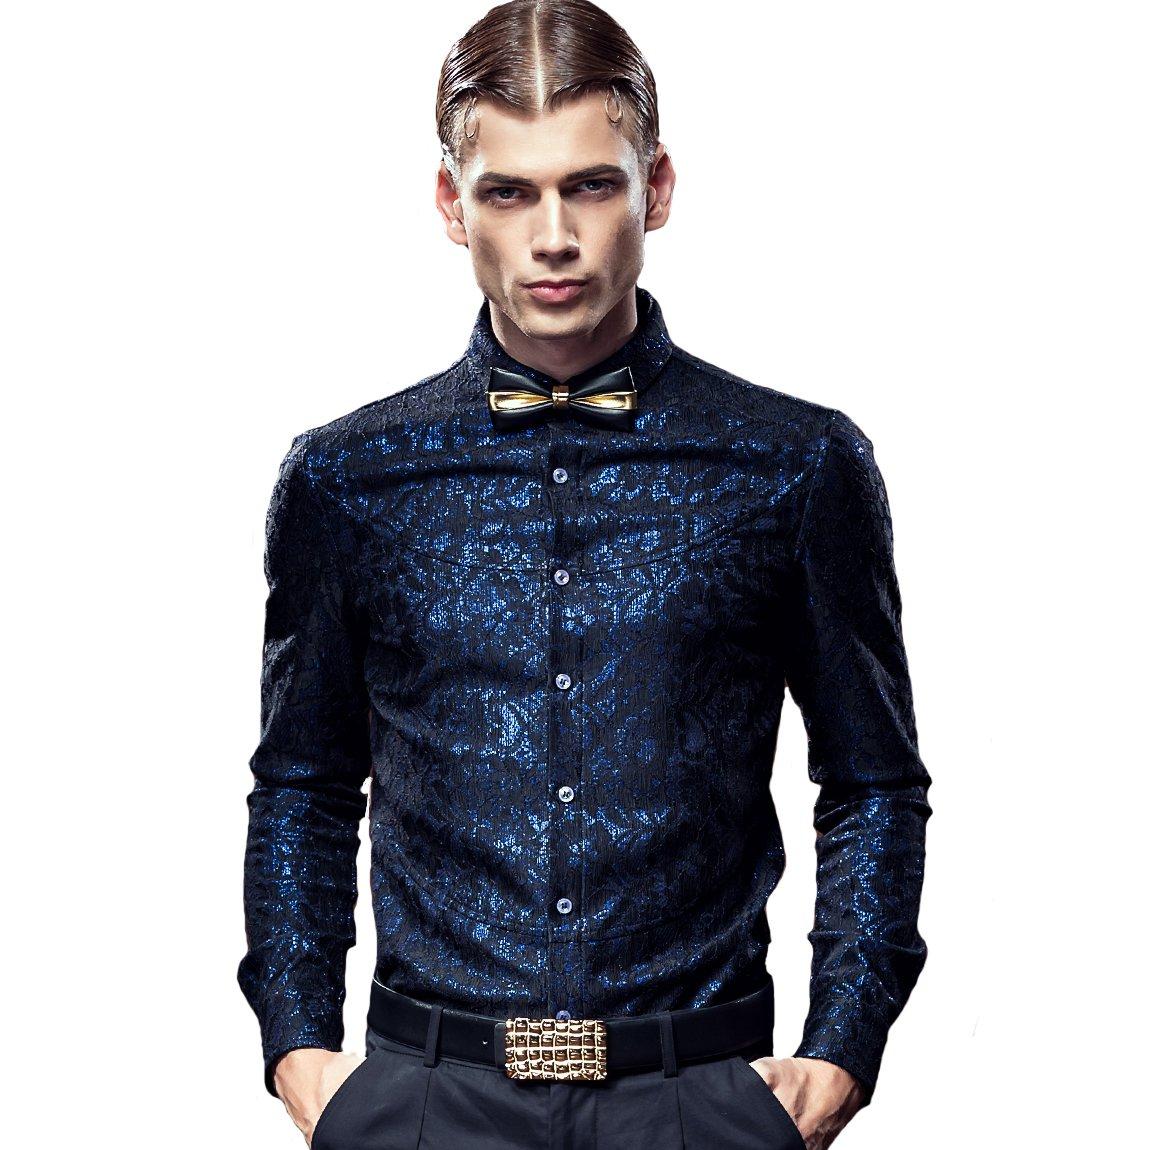 FANZHUAN Casual Shirts for Men Long Sleeve Bride Wedding Dress Shirt Non Iron Shirts for Men by FANZHUAN